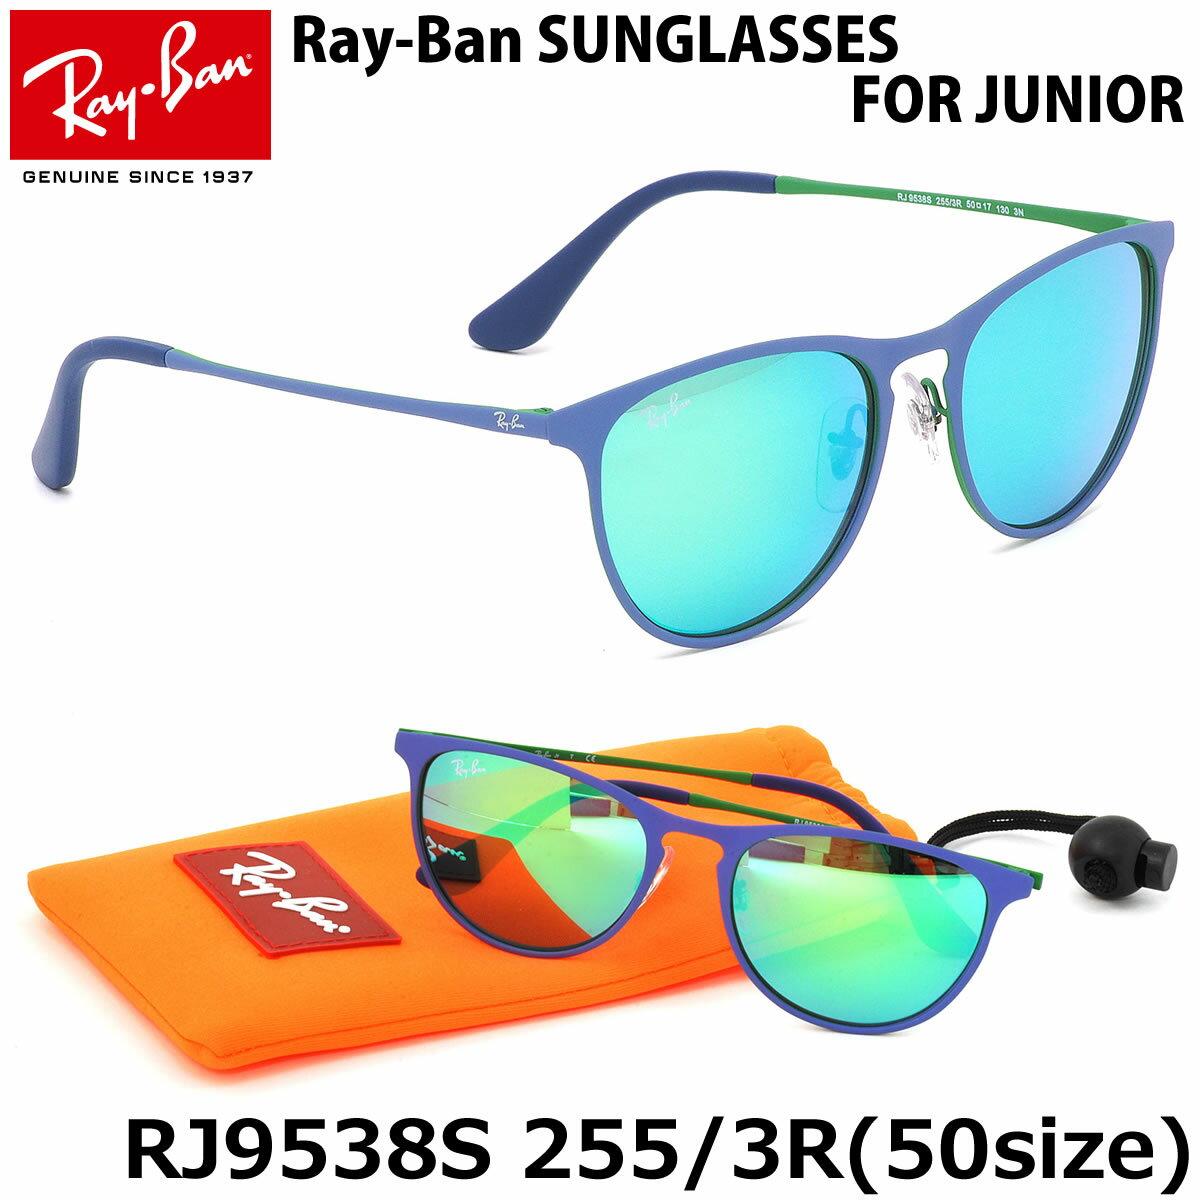 レイバン サングラス Ray-Ban RJ9538S 255/3R 50サイズ ジュニア ERIKA エリカ Junior メタル キッズ 子供用 パイロット レイバン RAYBAN 子供用 キッズ用